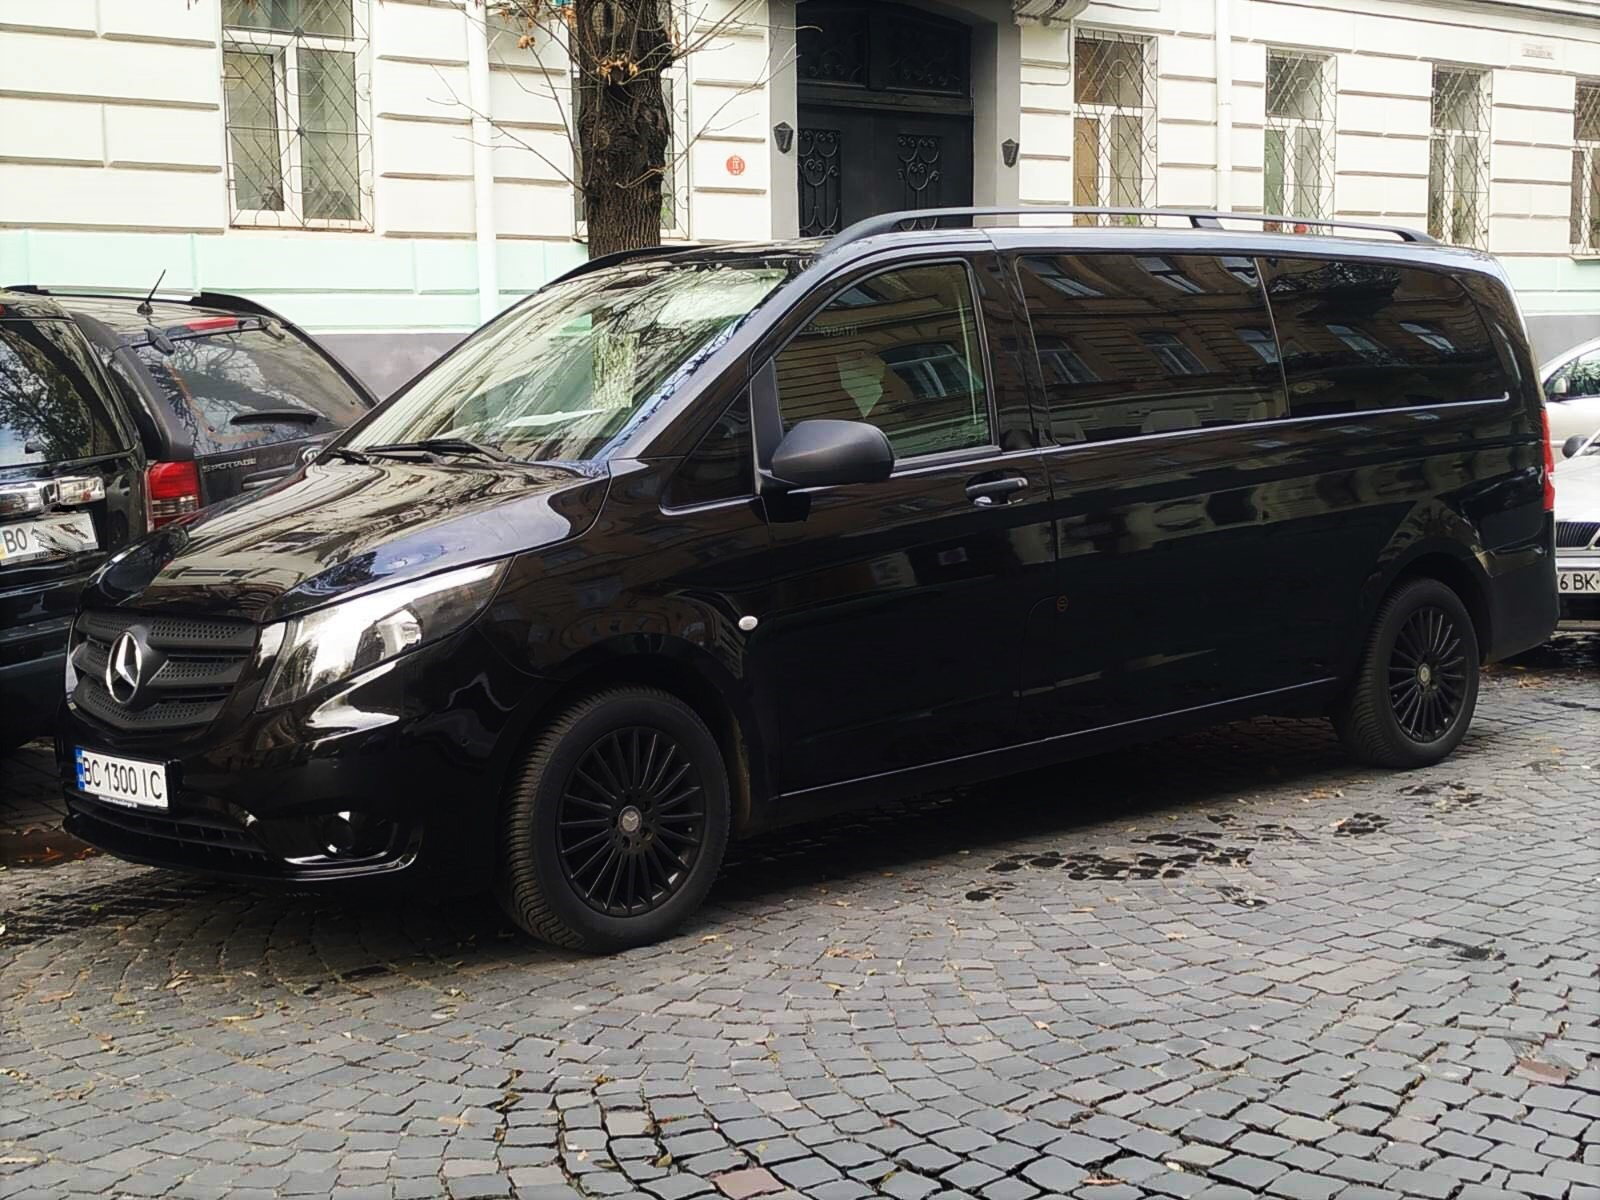 аренда авто в Львове, авто на 8 человек Львов, авто Львов, Mercedes Vito, трансфер Львов